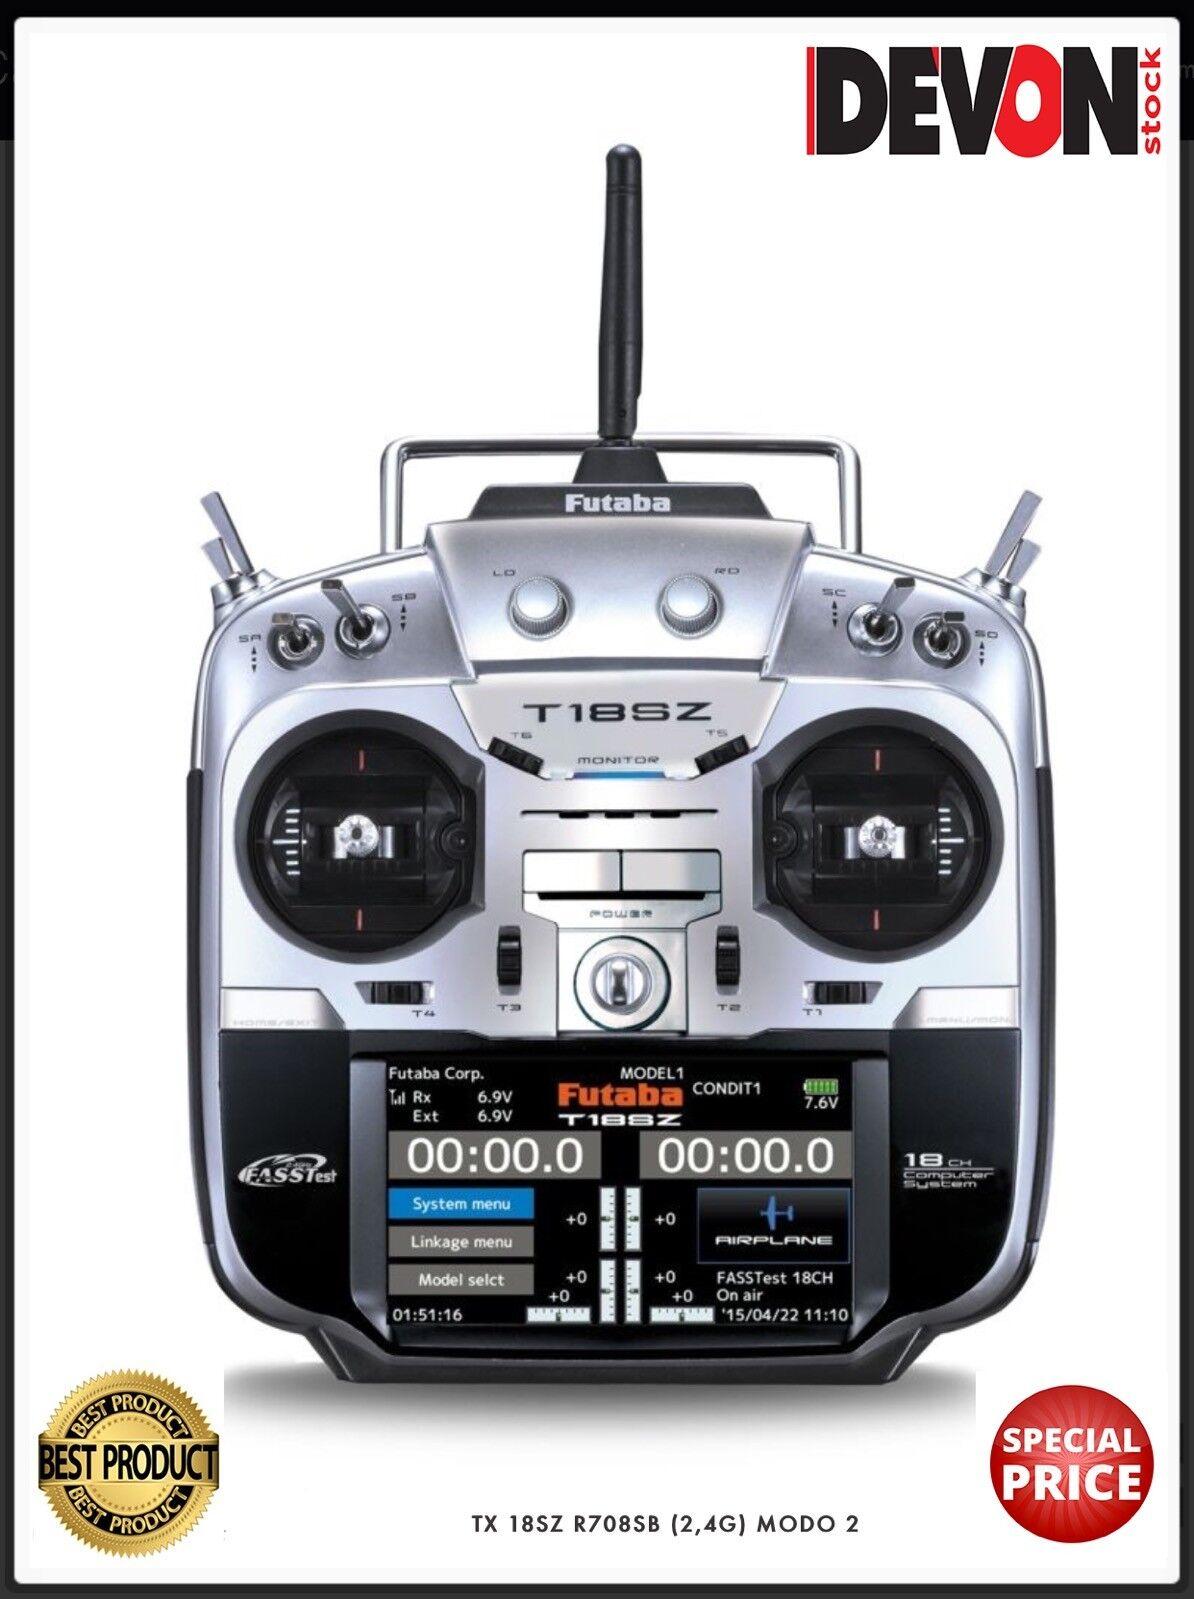 Radiocouomodo rc Futaba 18SZ ricevente R7008SB MODE2 Elicottero a scoppio  nitro  comprare a buon mercato